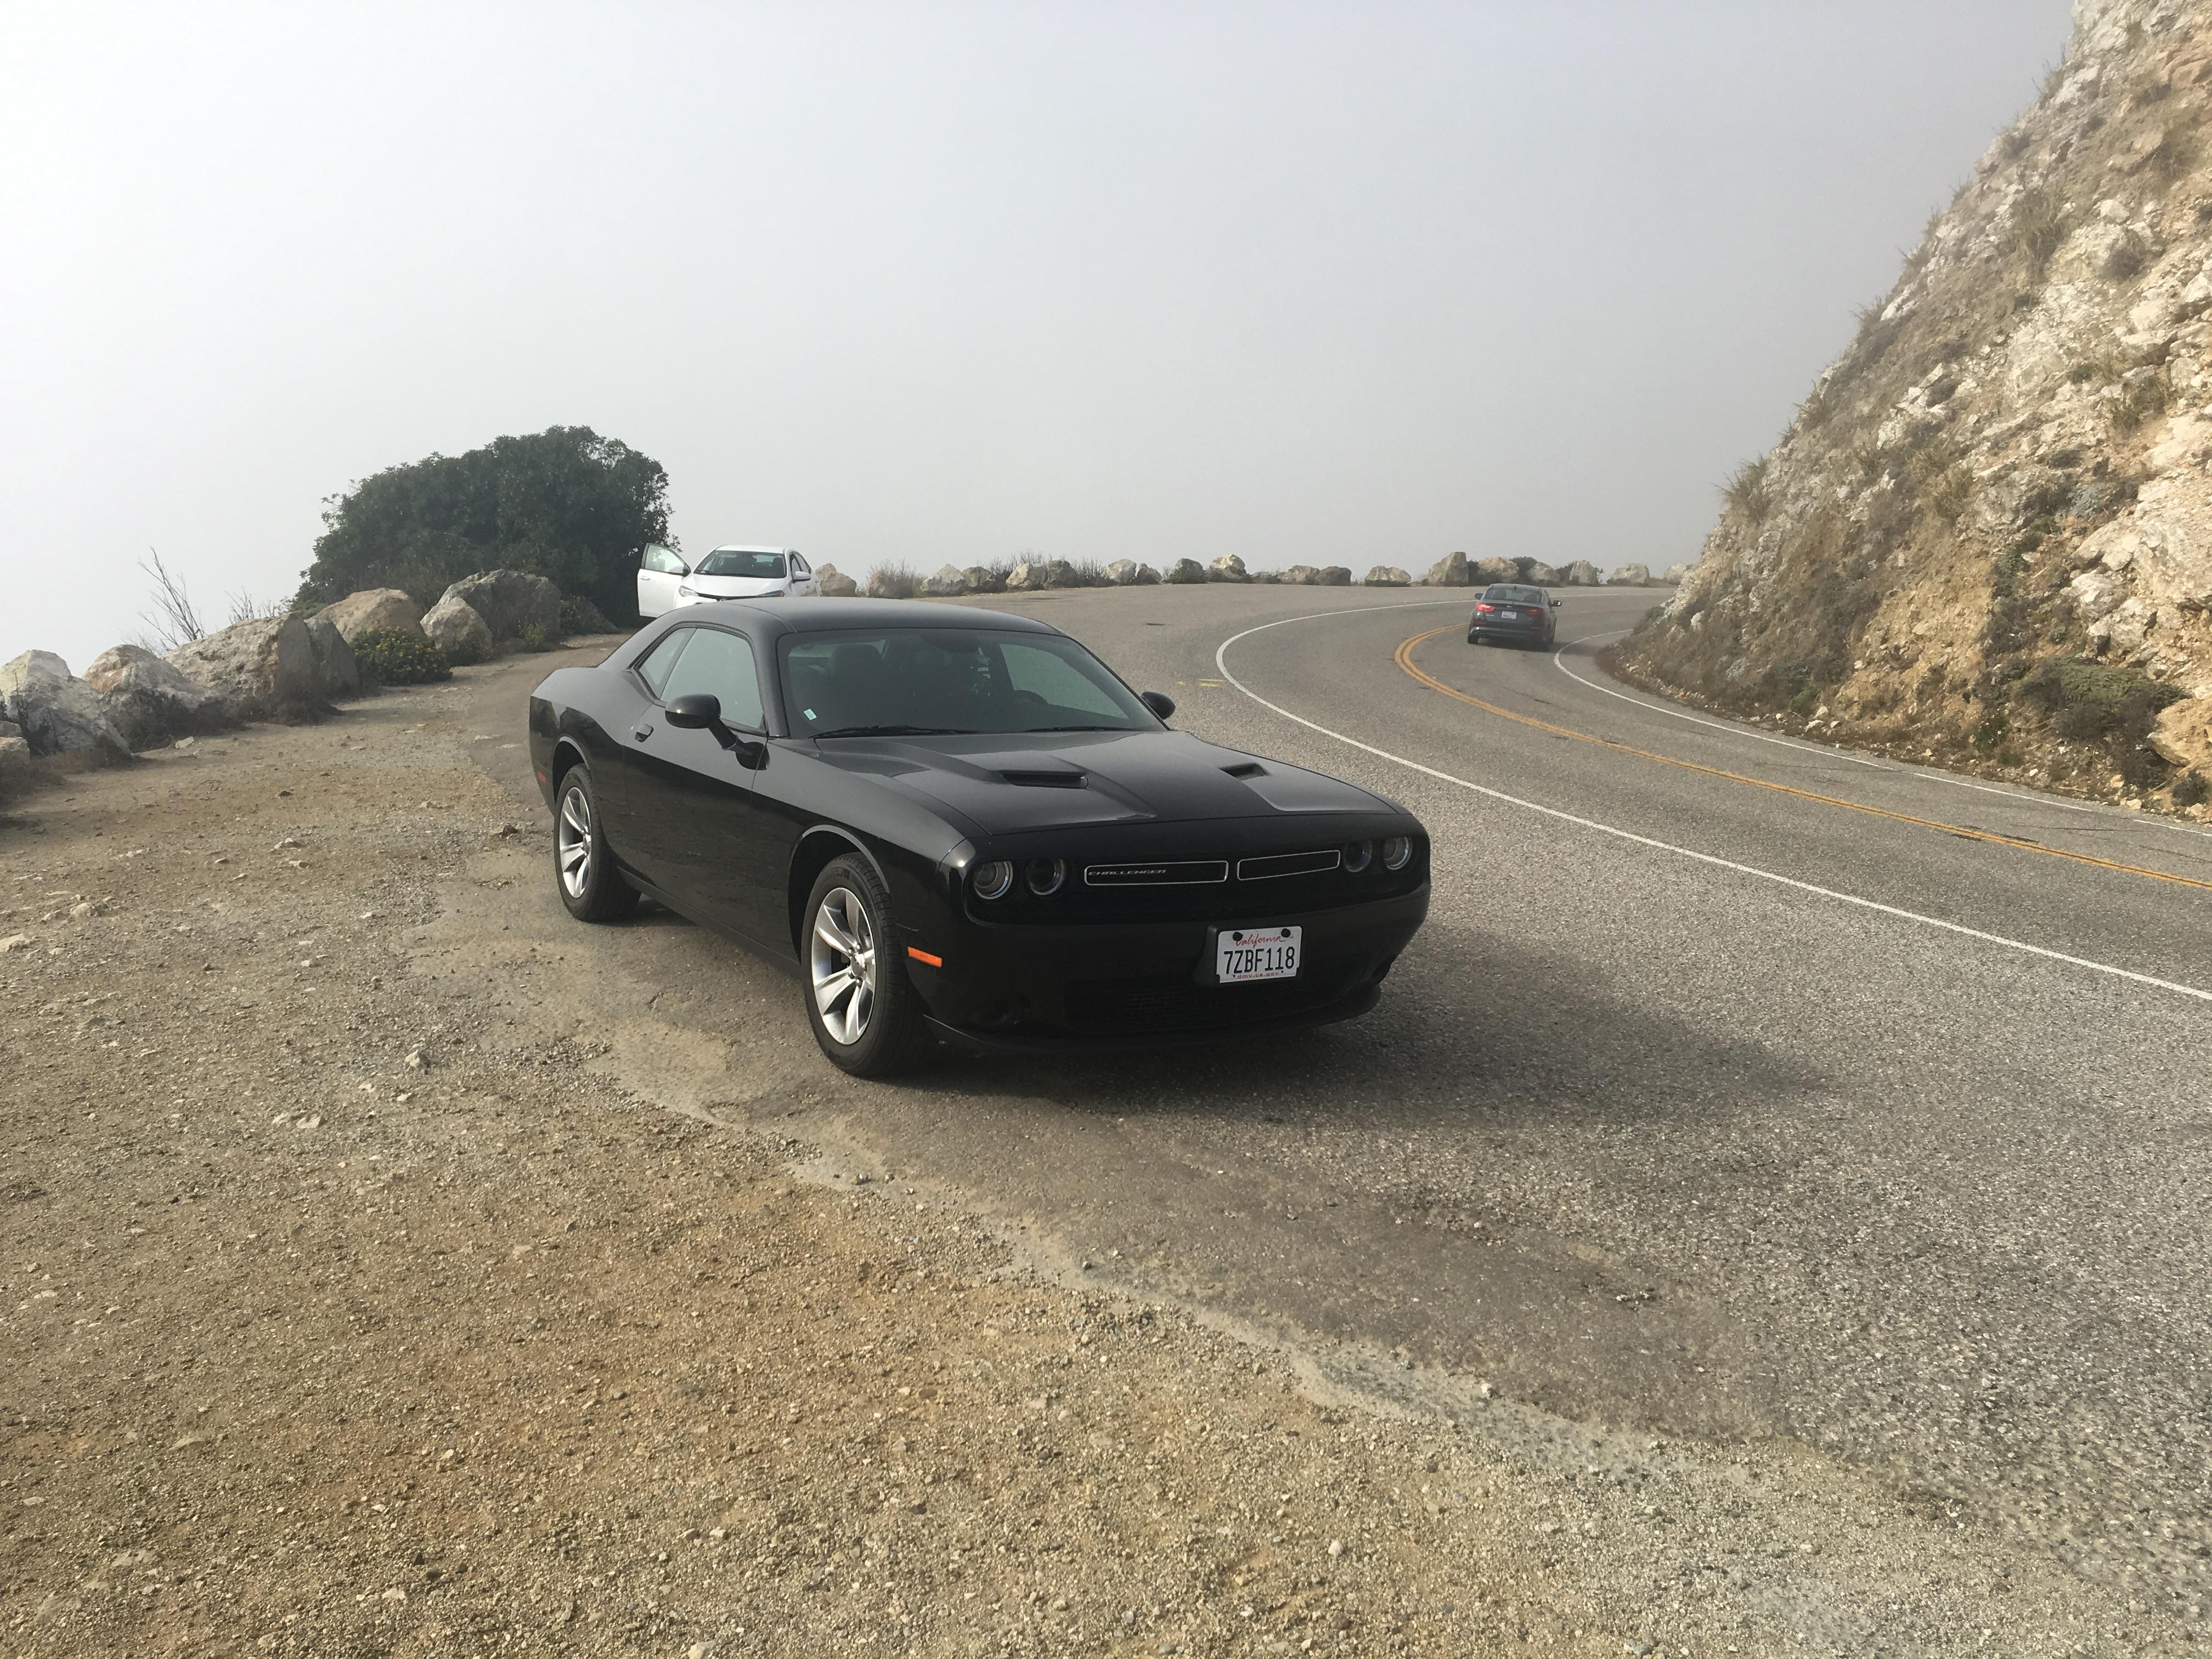 Dodge Challenger, Pacific Coast Highway no. 1